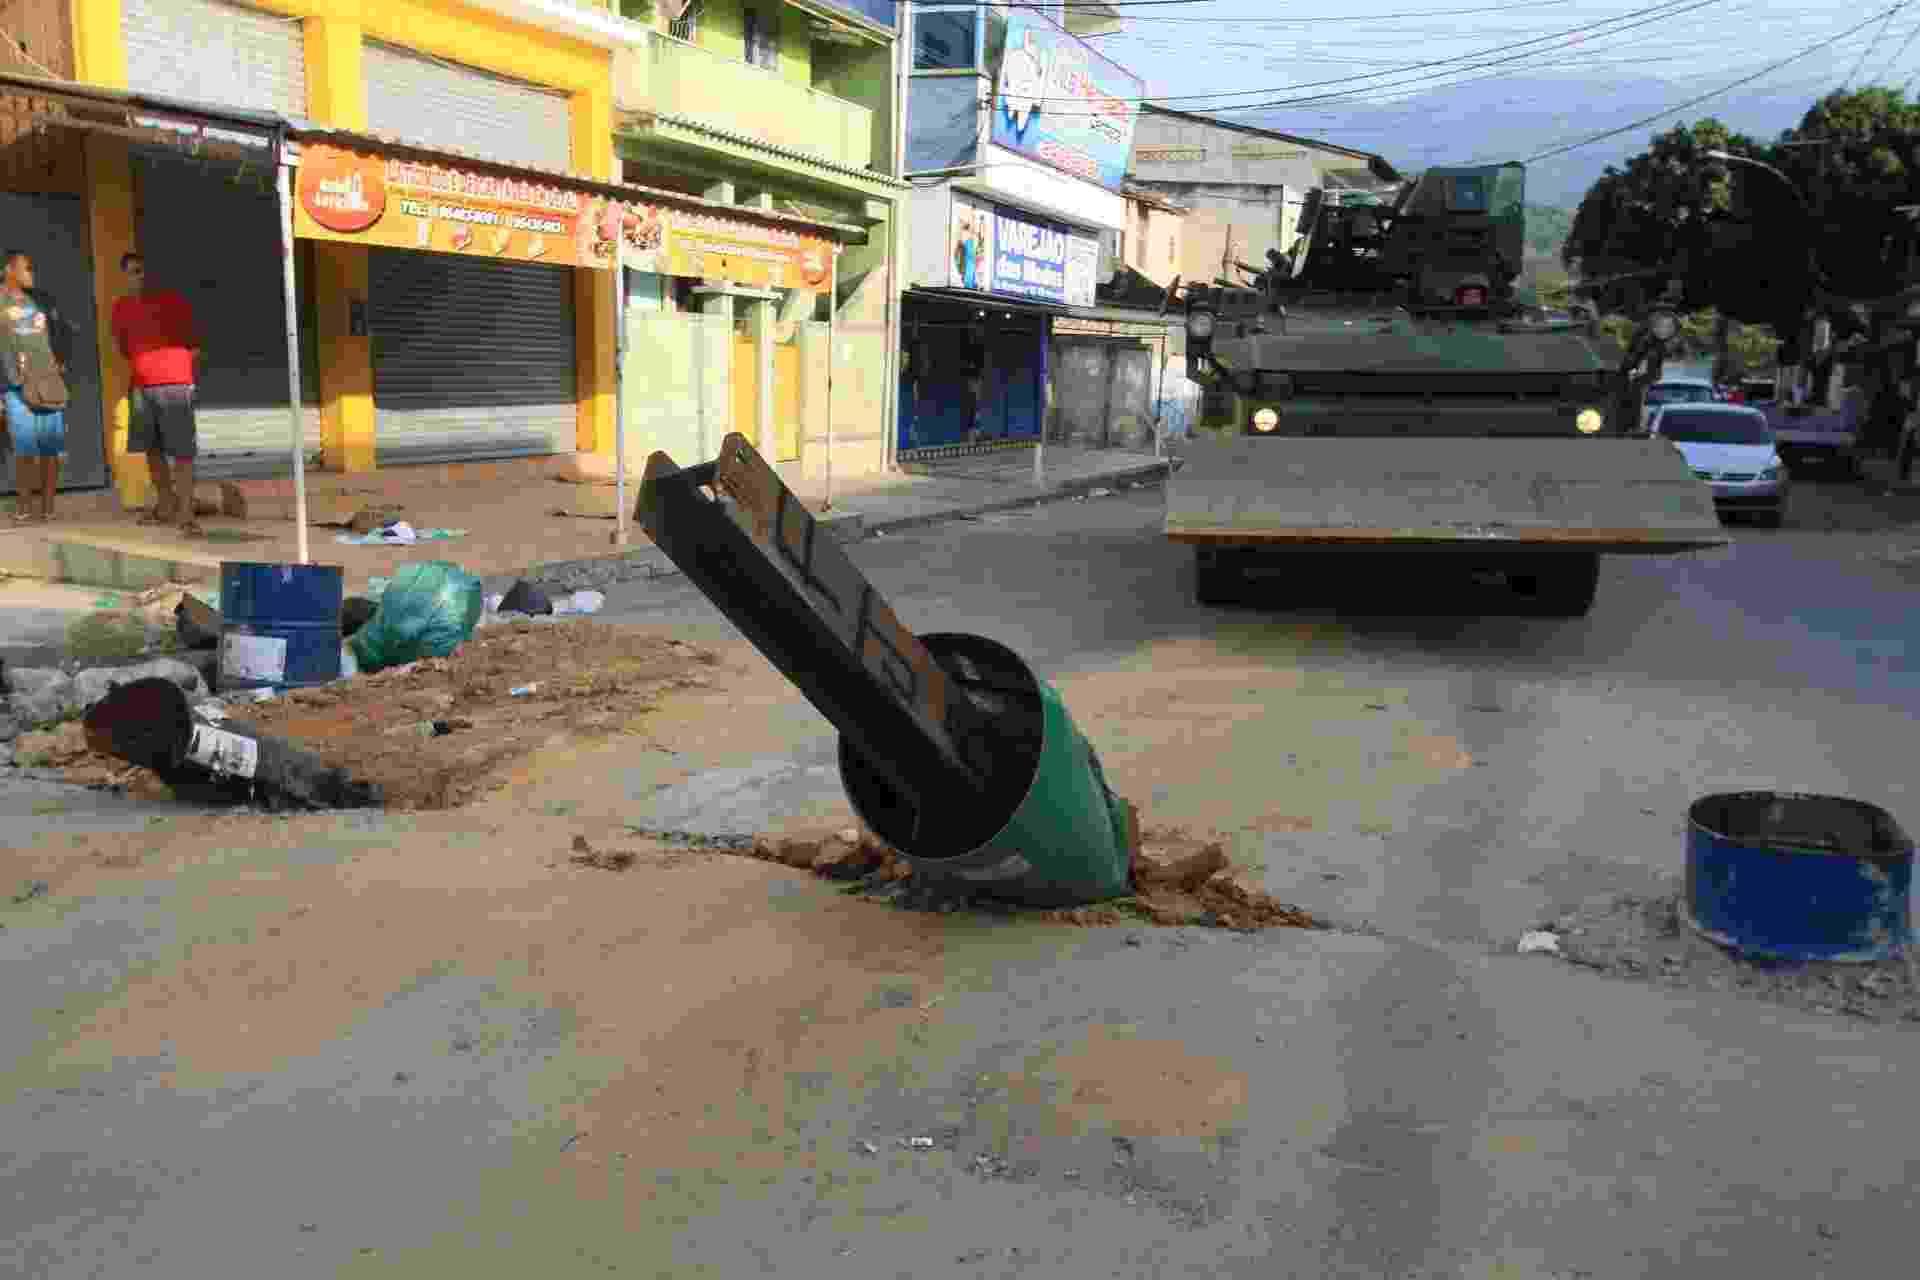 7.mar.2018 - Cerca de 900 militares fazem operação na Vila Kennedy, zona oeste do Rio, para desobstruir vias que estavam interditadas por barricadas erguidas pelo crime organizado - Jose Lucena/Futura Press/Estadão Conteúdo